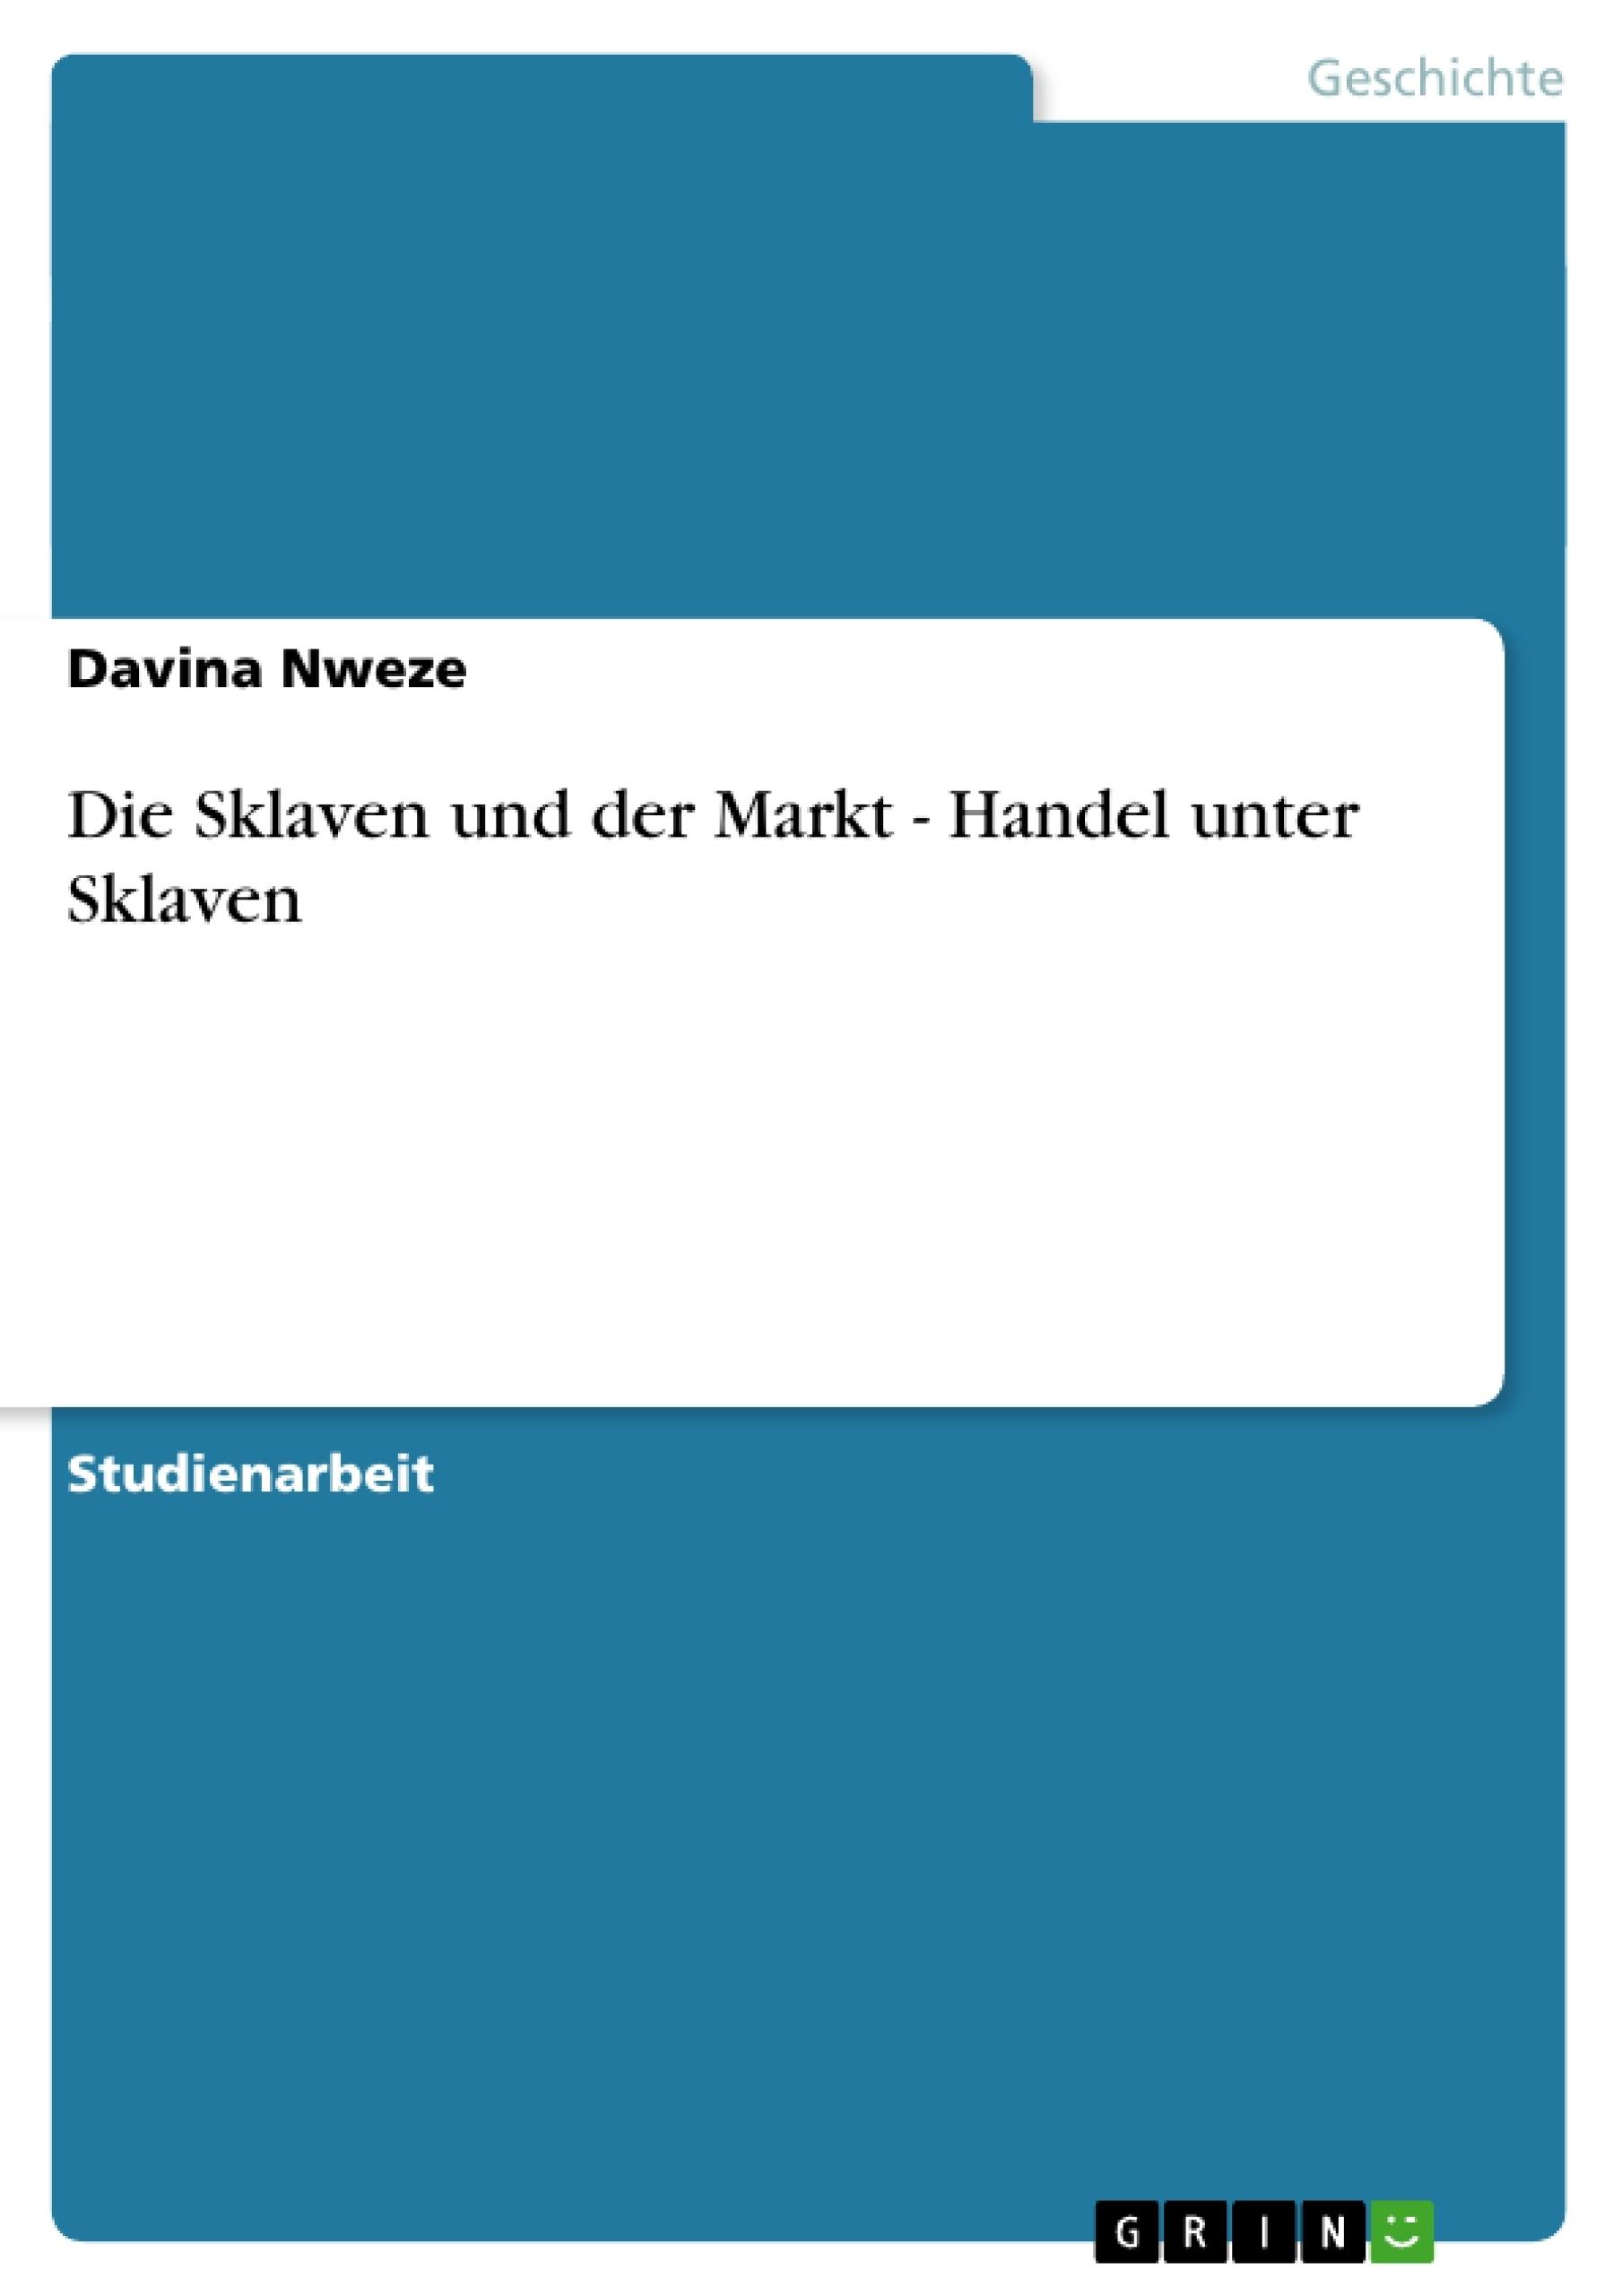 Titel: Die Sklaven und der Markt - Handel unter Sklaven